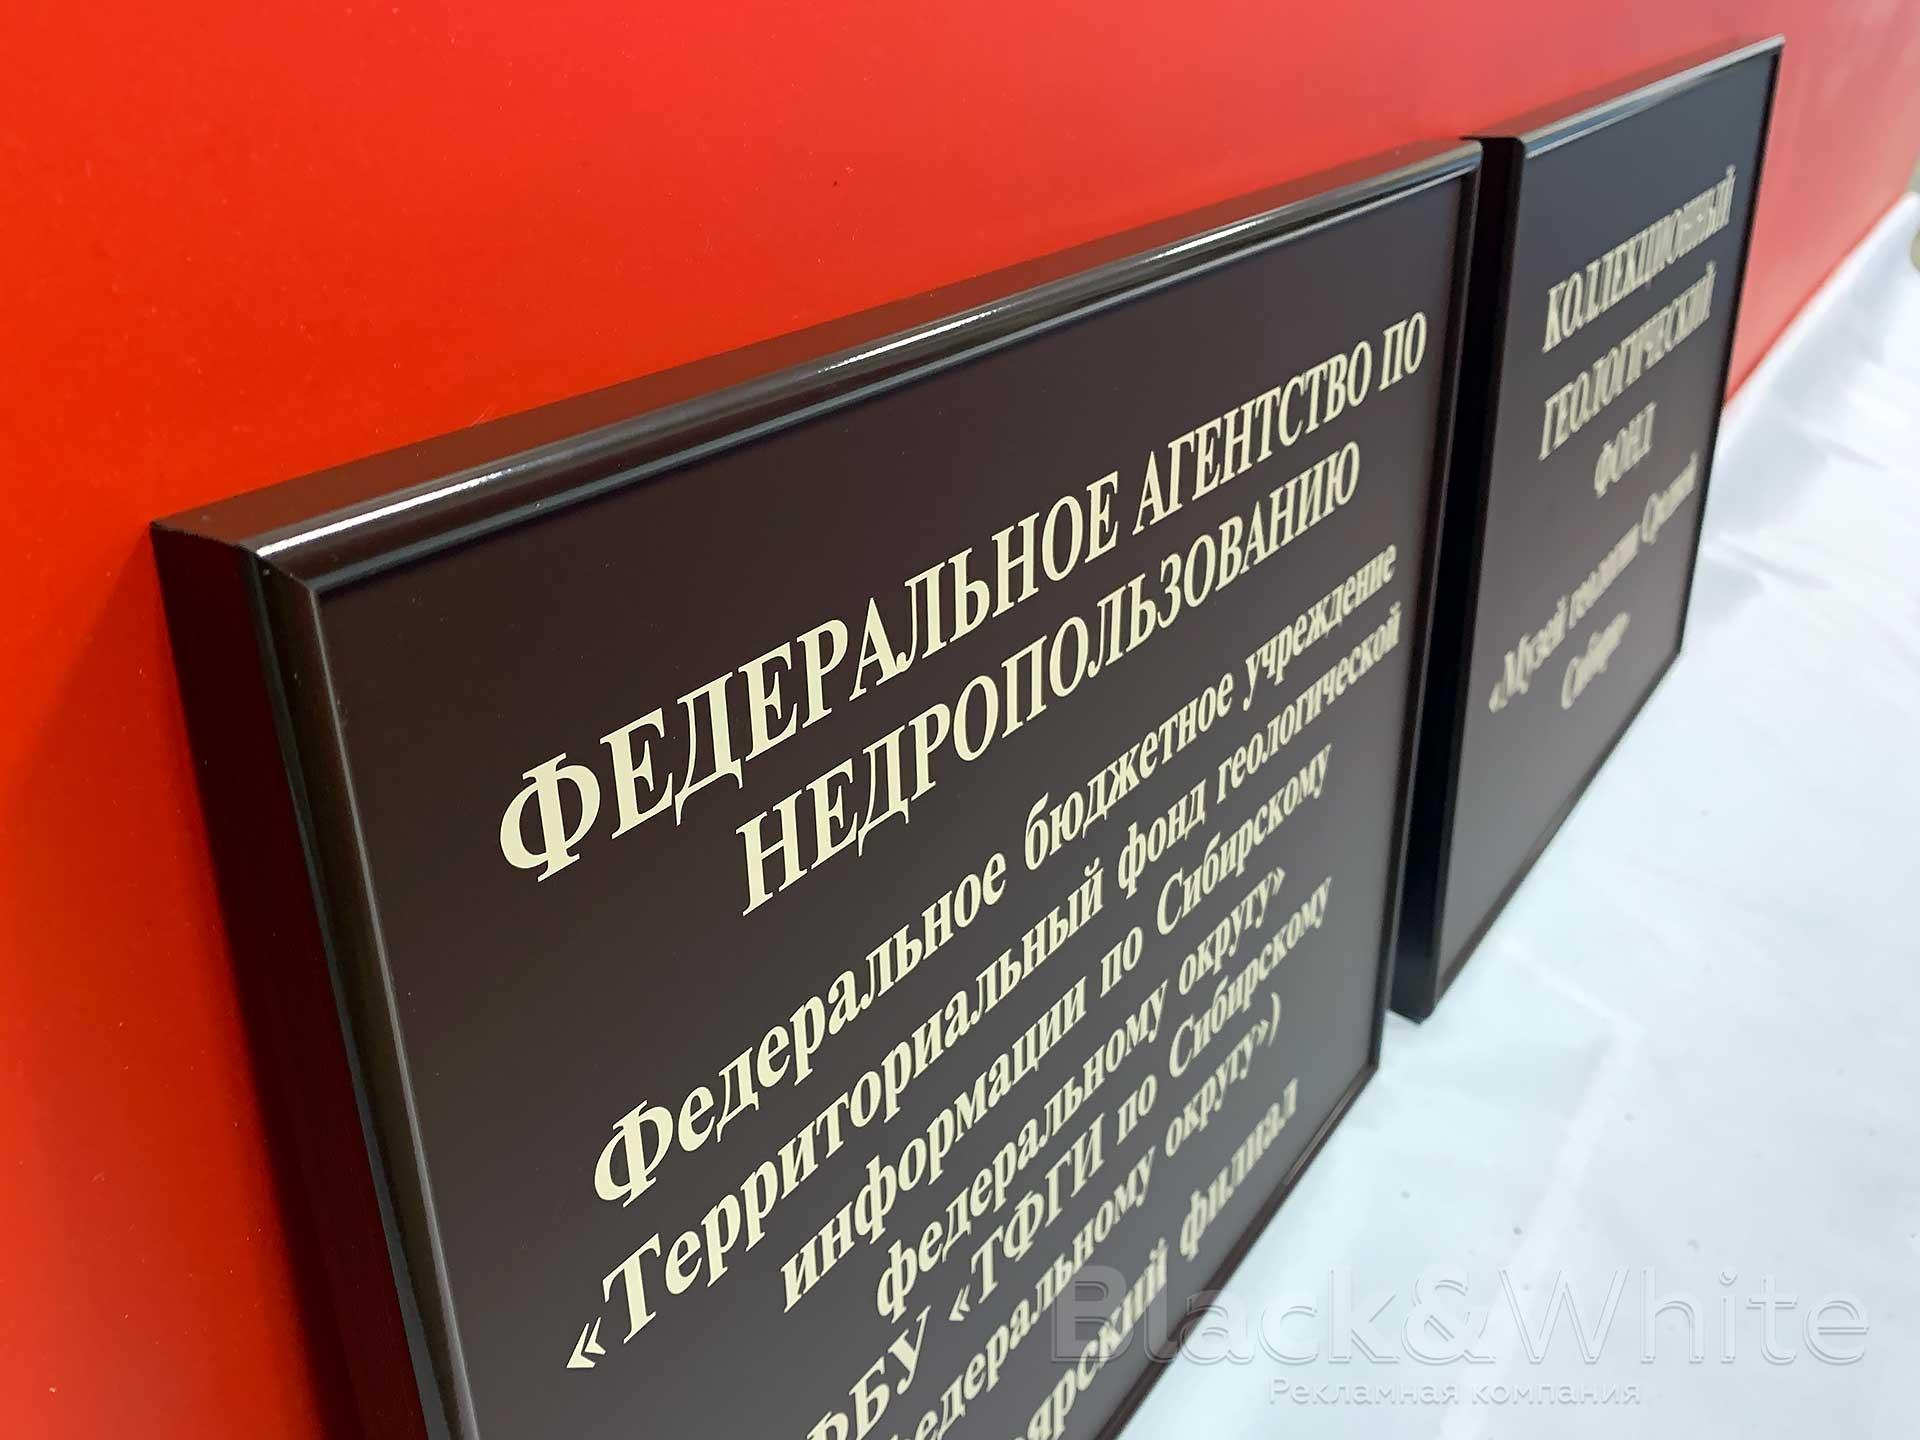 Фасадная-табличка-для-музея-изготовление-фасадных-табличек-в-красноярске-bw.jpg